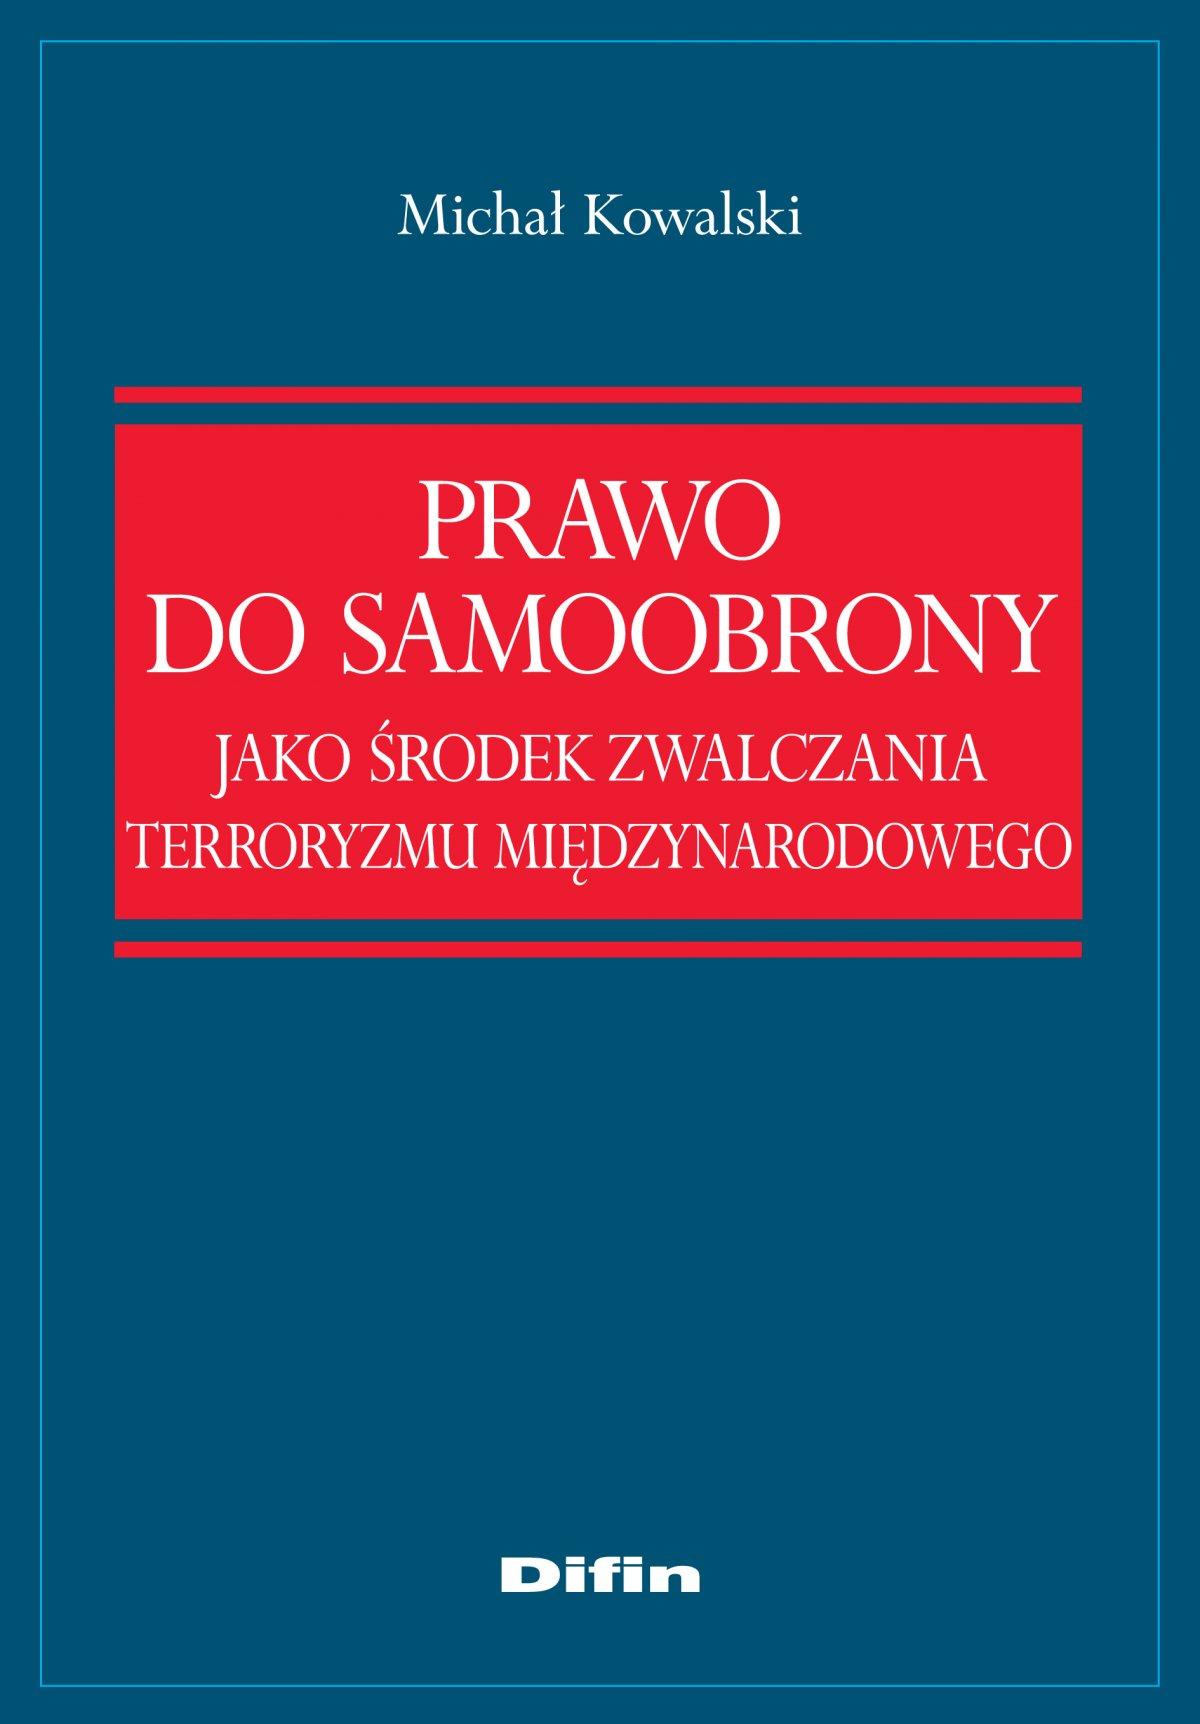 Prawo do samoobrony jako środek zwalczania terroryzmu międzynarodowego - Ebook (Książka na Kindle) do pobrania w formacie MOBI